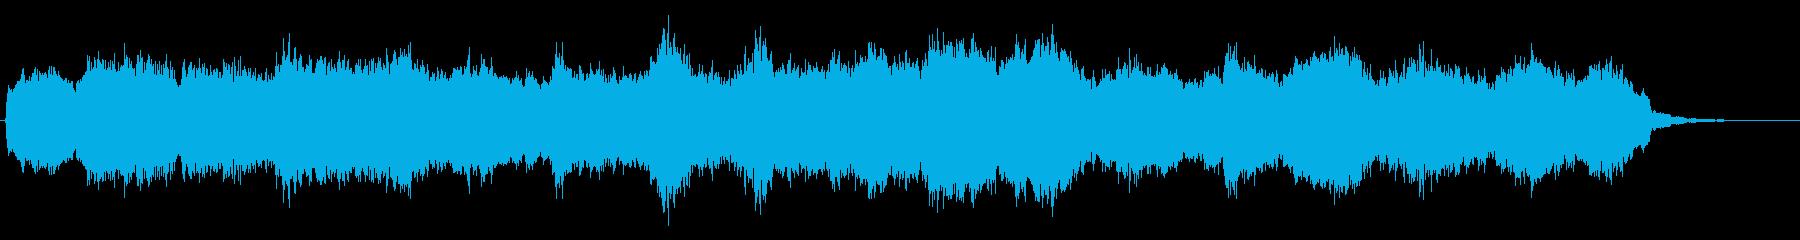 バスクラリネットのほのぼのとしたジングルの再生済みの波形